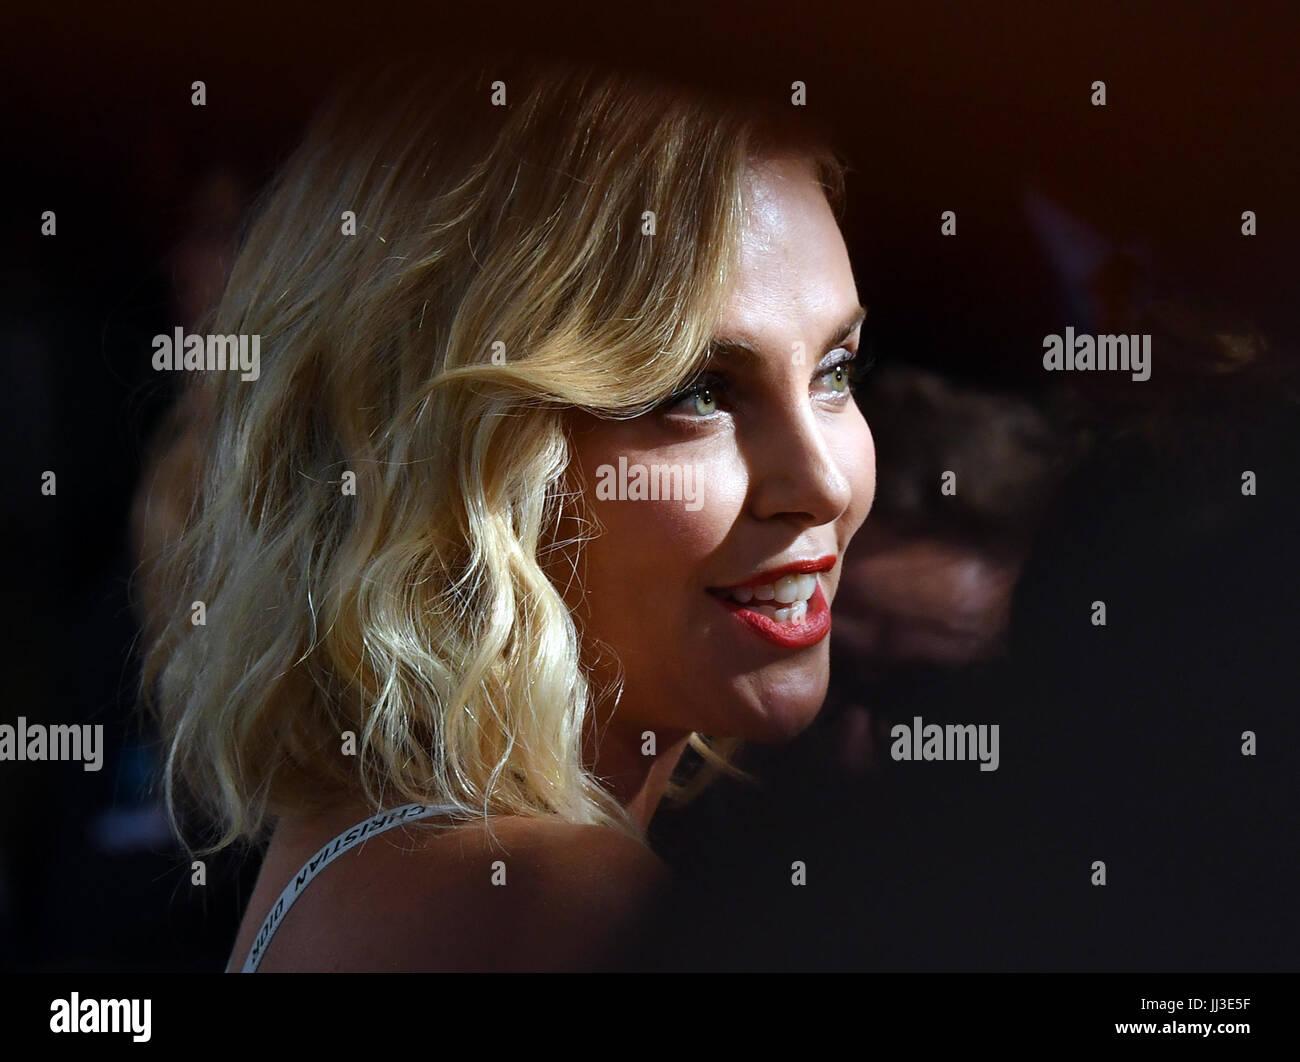 Berlín, Alemania. El 17 de julio, 2017. La actriz Charlize Theron en el estreno mundial del thriller de acción Imagen De Stock